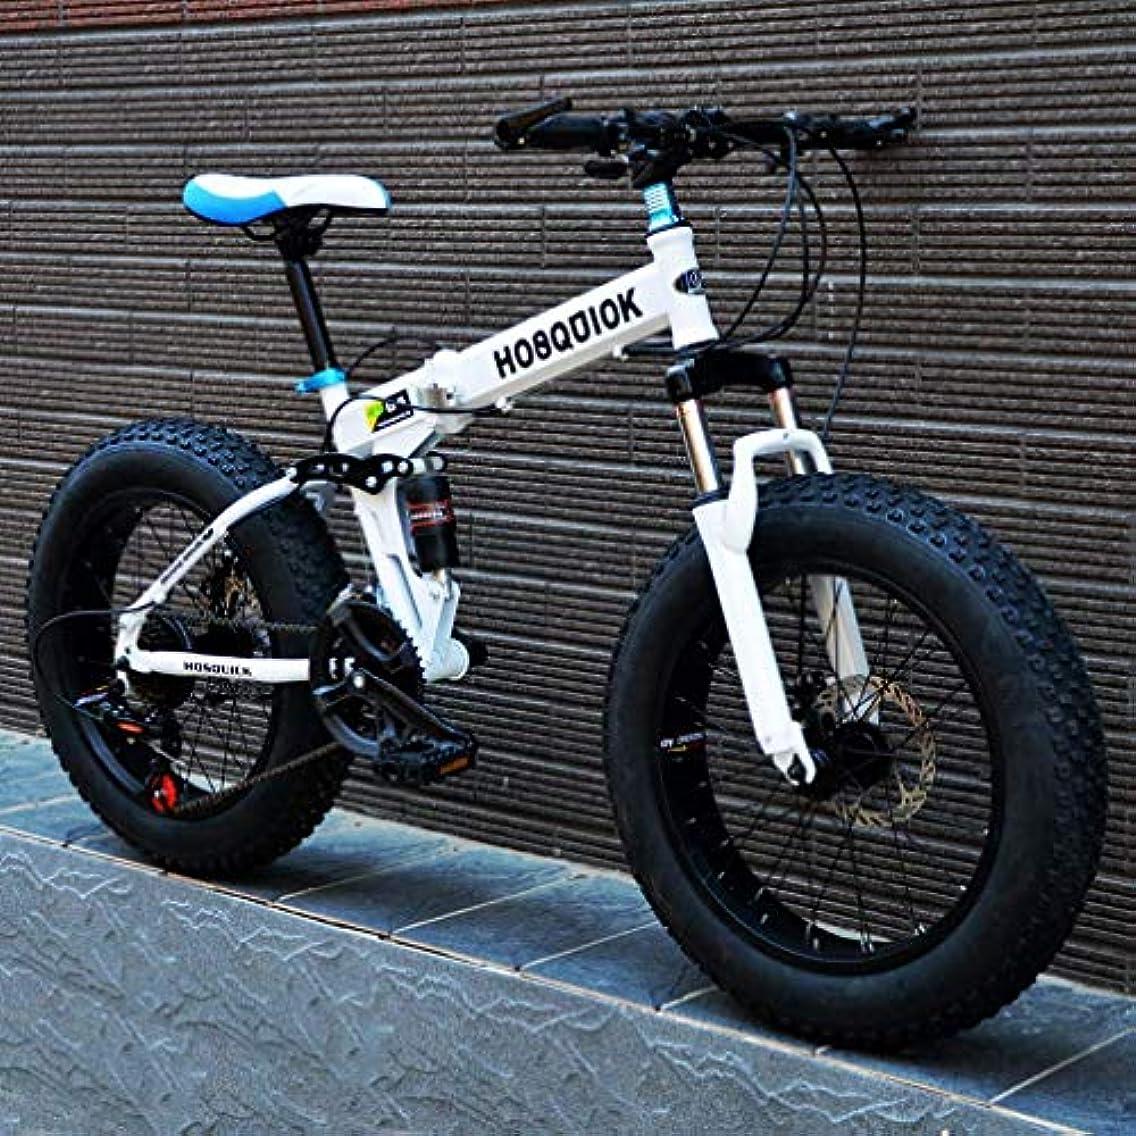 受益者火山学感嘆符ファットタイヤメンズマウンテンバイク、ダブルディスクブレーキ/高炭素鋼フレームバイク、7スピードビーチスノーモービル自転車、アルミ合金ホイール、ブラック、24インチ